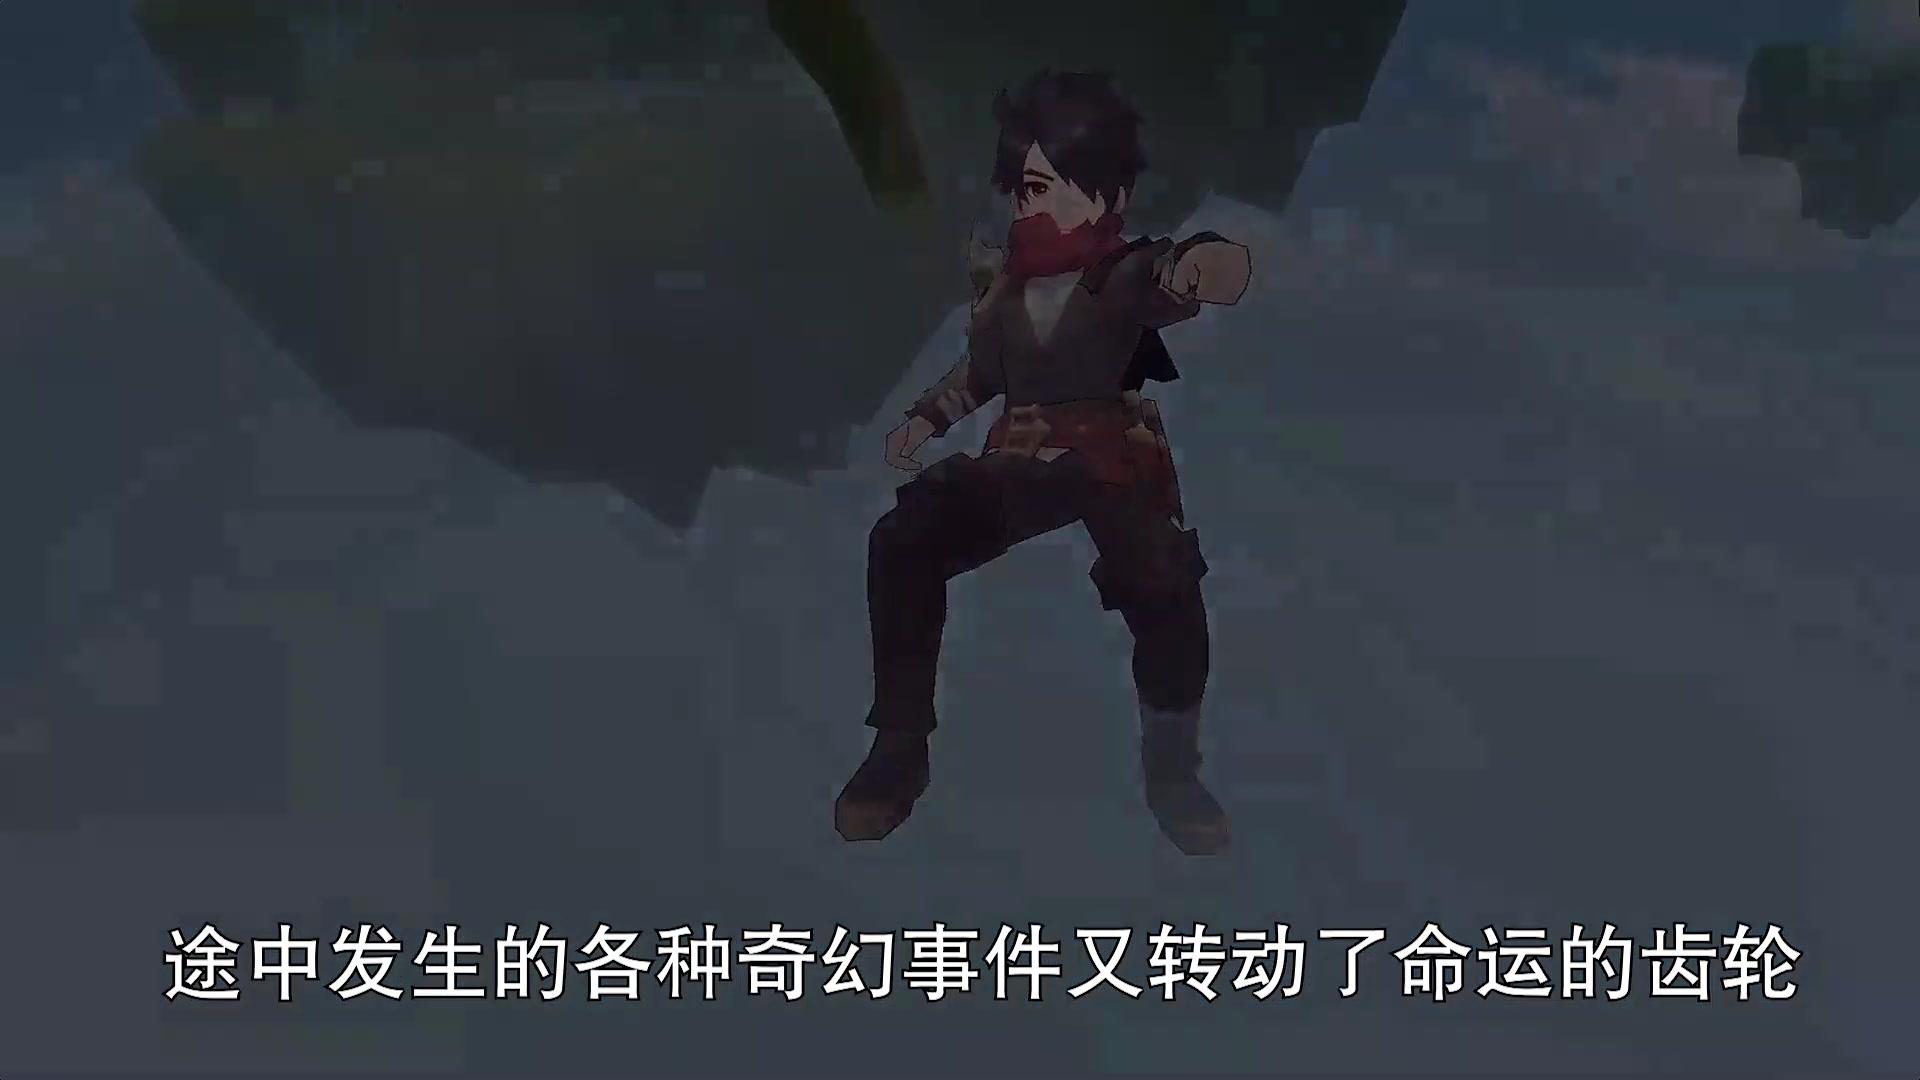 【鲜游速观】一款Q版画风的角色扮演游戏《云上城之歌》